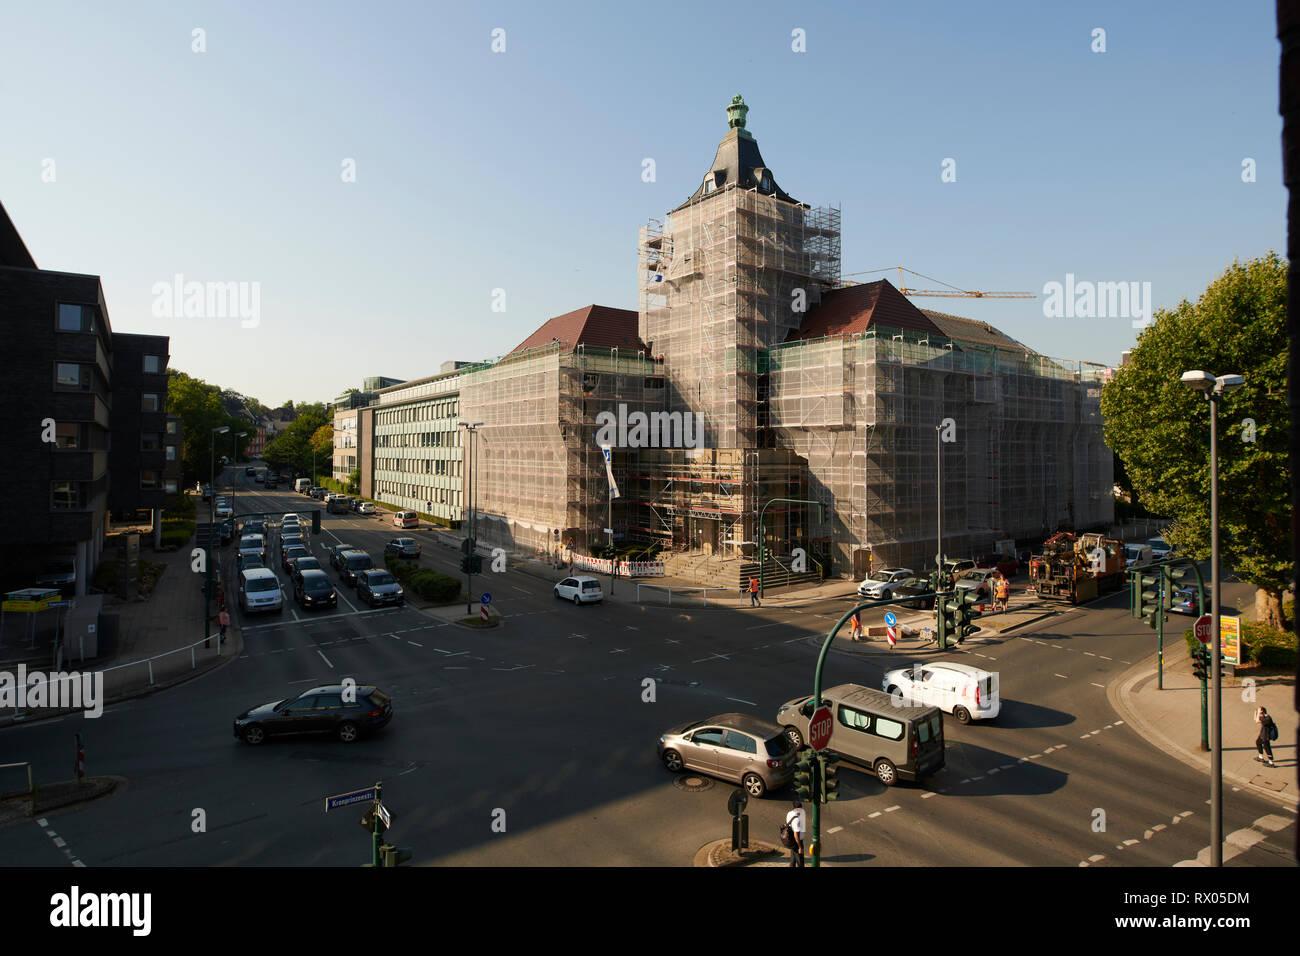 Eingeruestetes altes Verwaltungsgebaeude in Essen im Ruhrgebiet an einer grossen Kreuzung Stock Photo